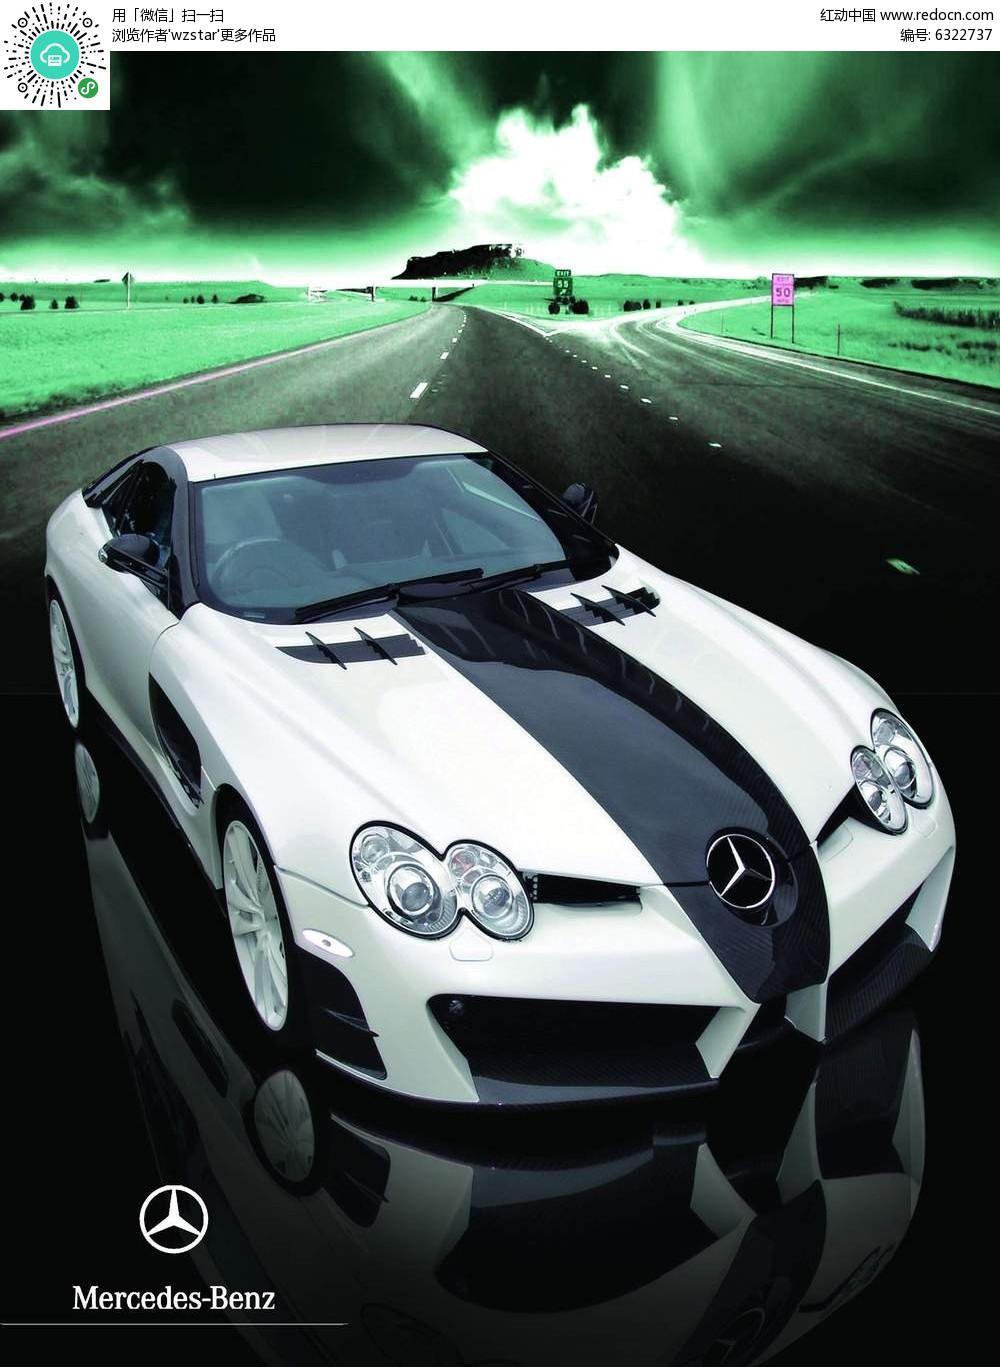 炫酷赛车宣传海报设计